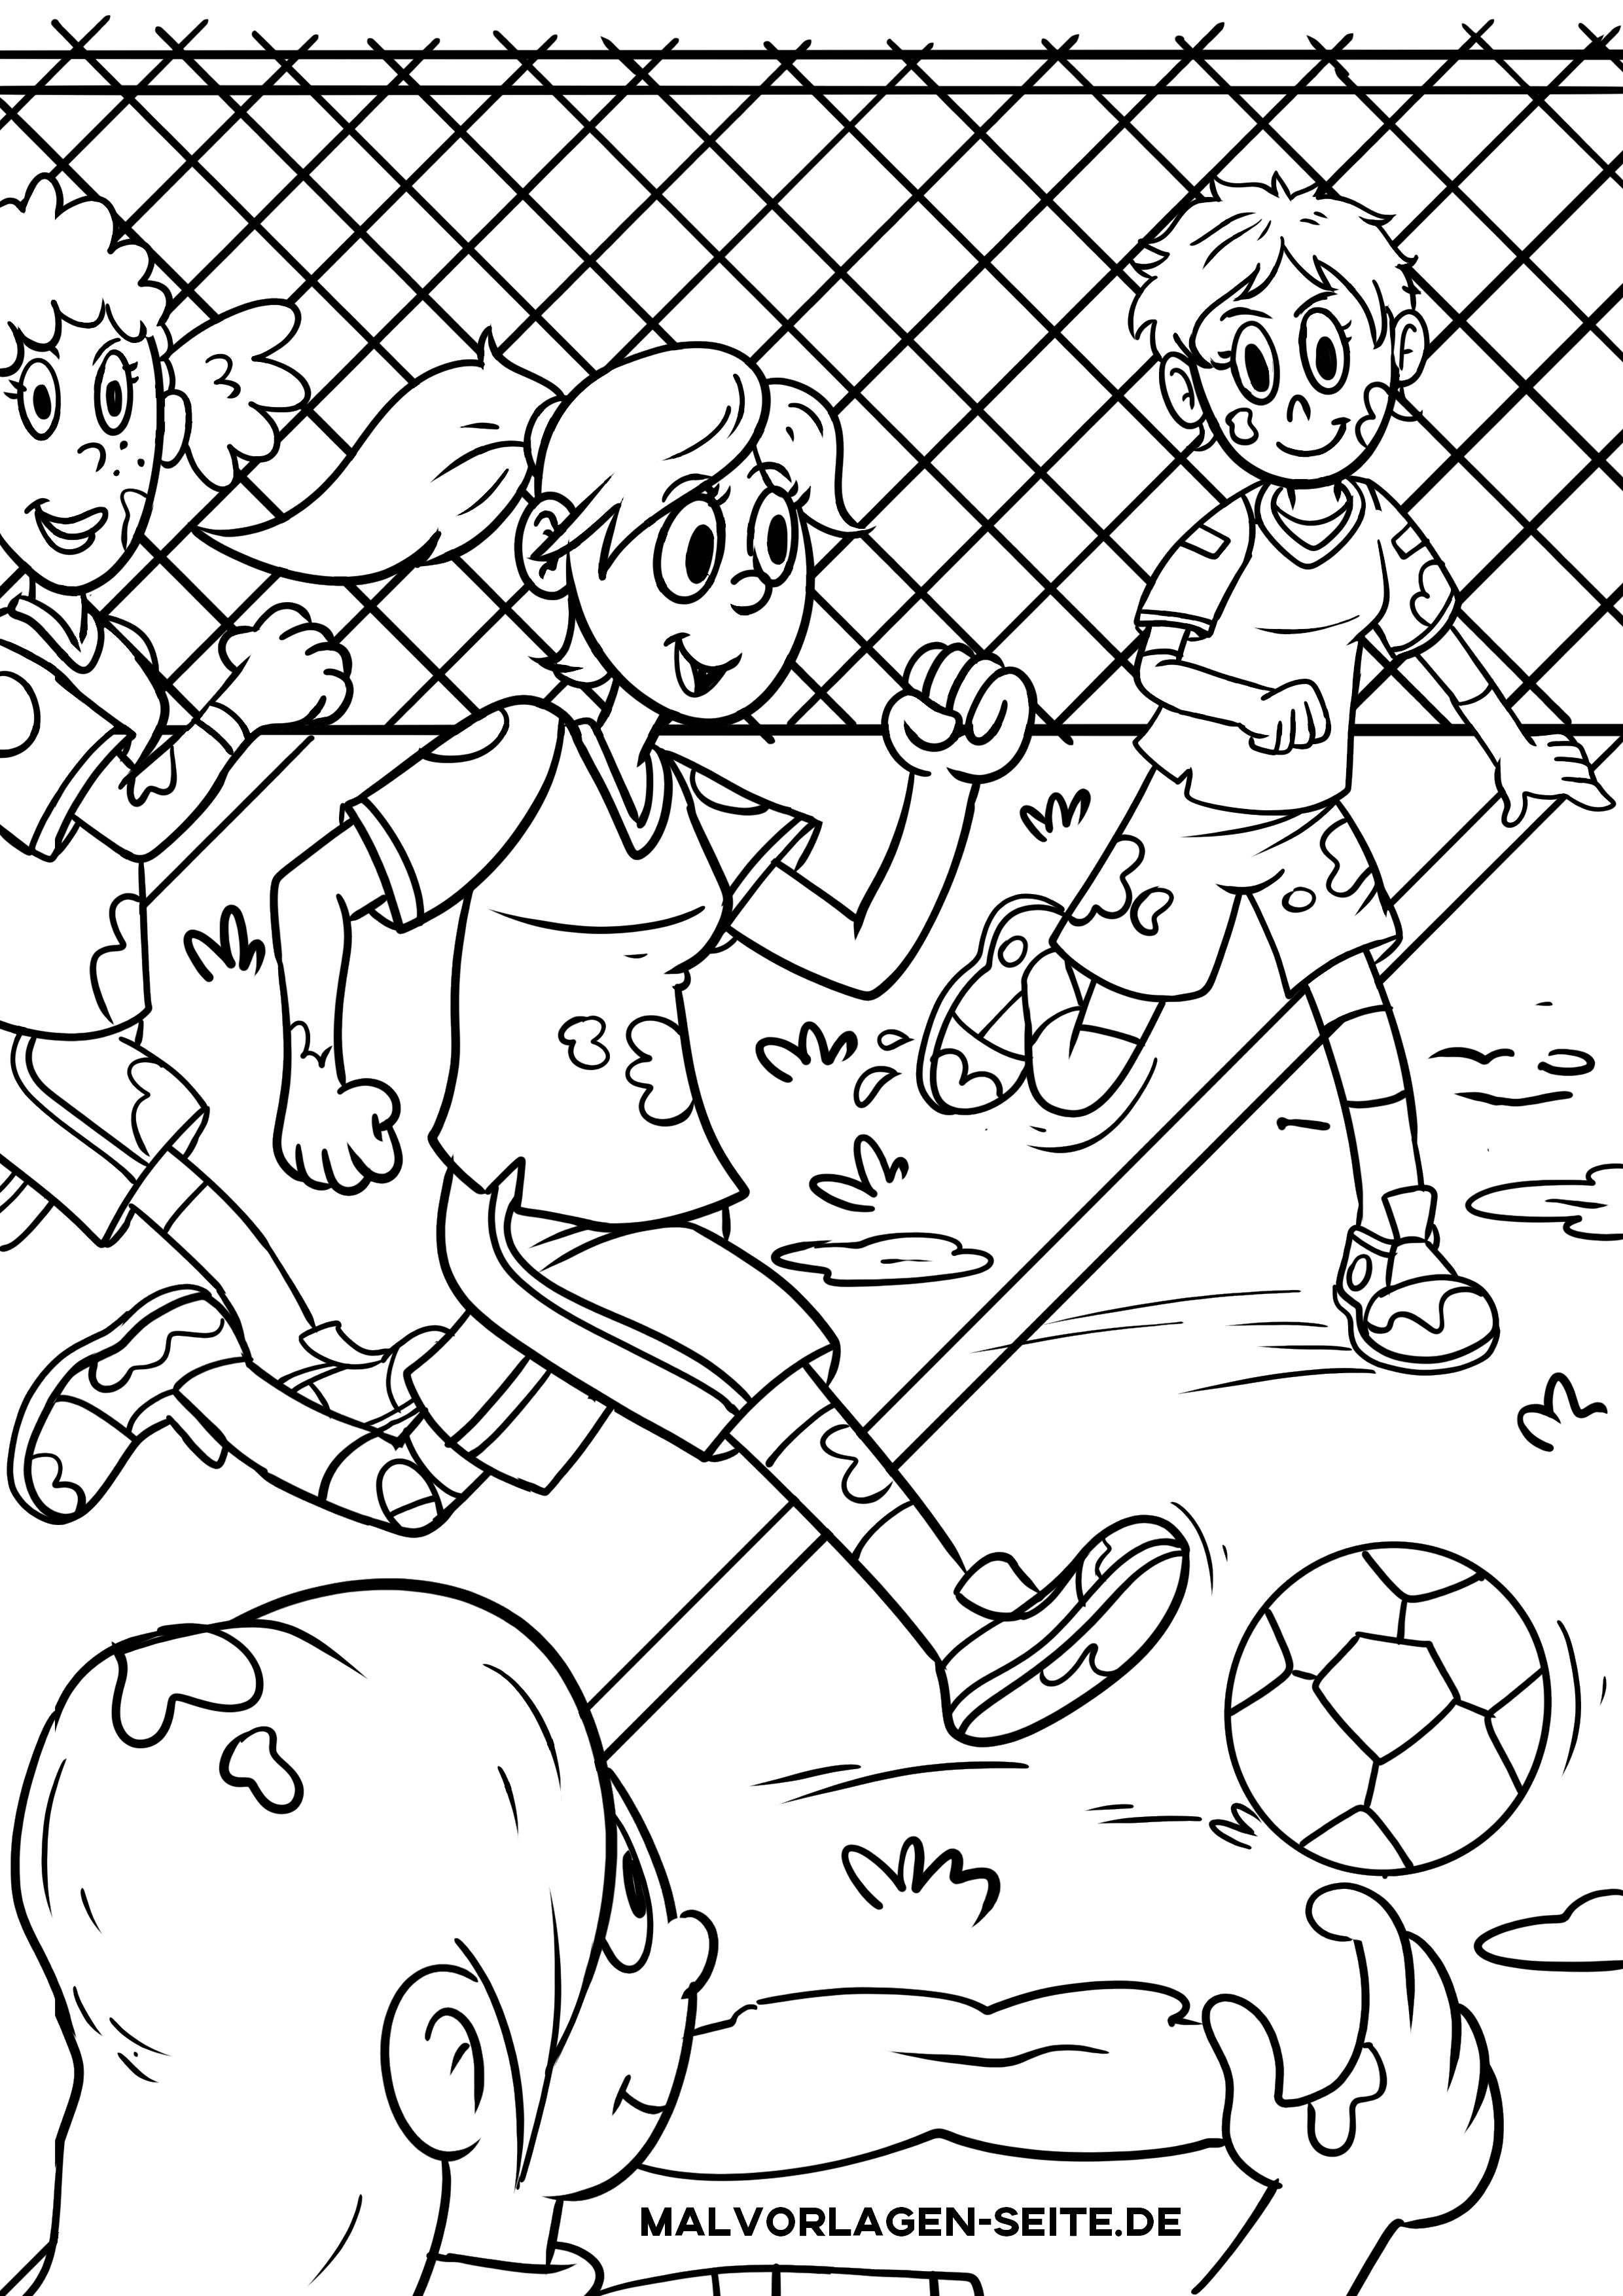 Malvorlage Frauenfußball Frauen Spielen Fußball Zum Ausmalen